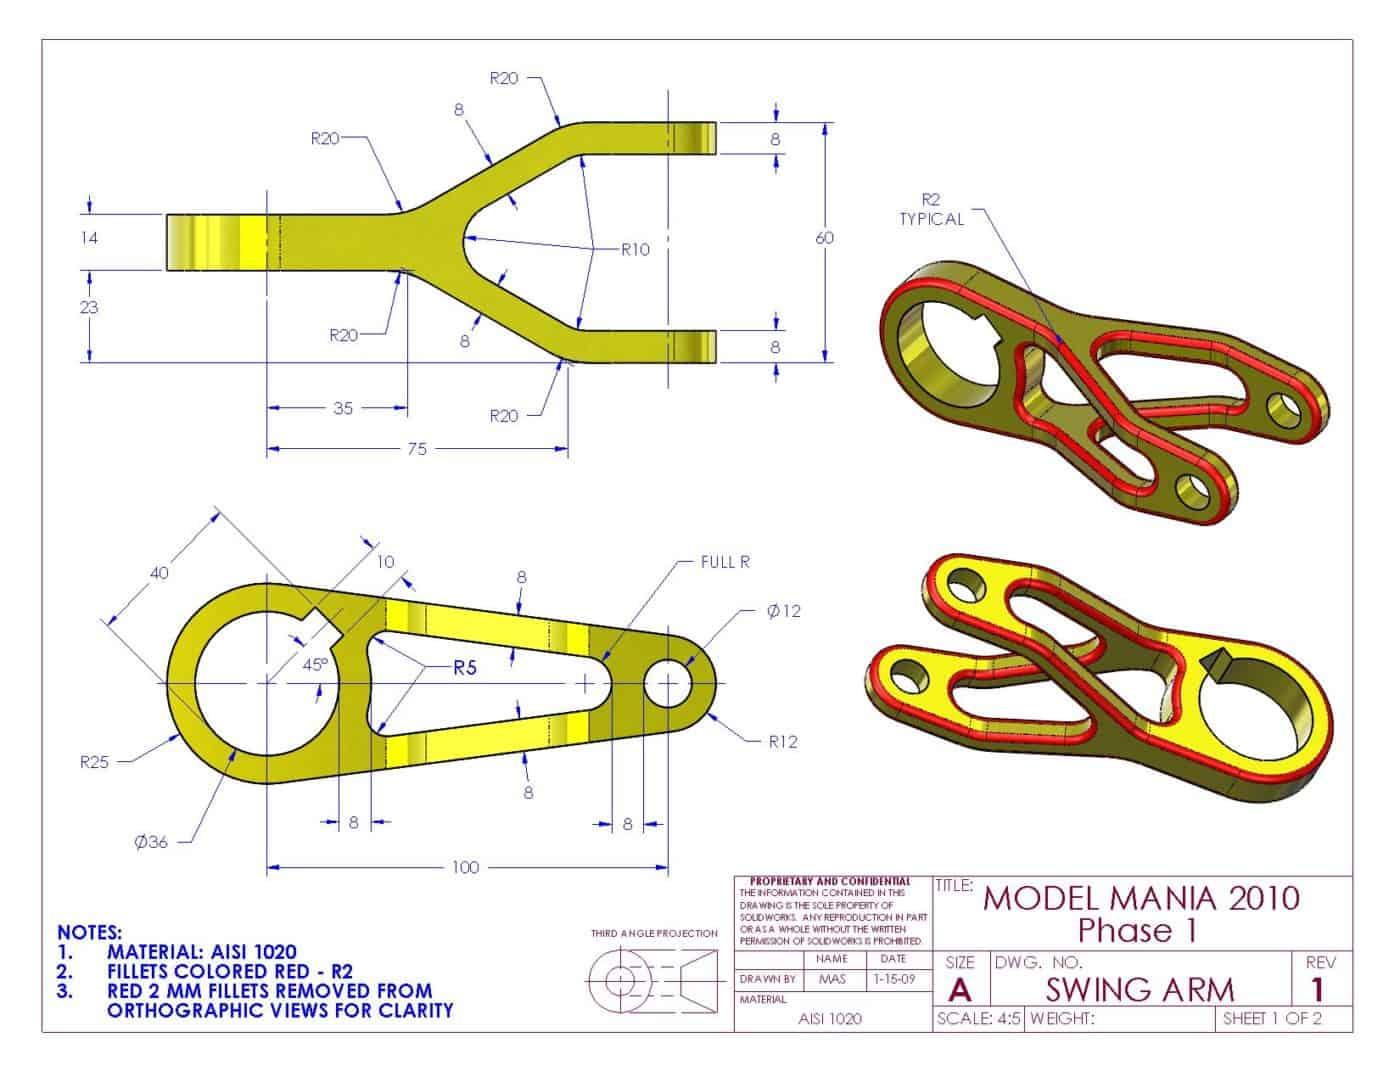 FreeCad pieza 16 model mania 2010